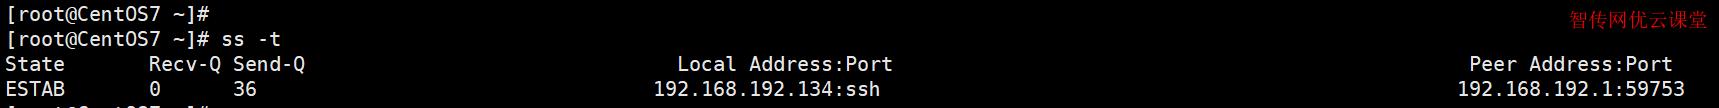 使用ss命令列出所有TCP连接